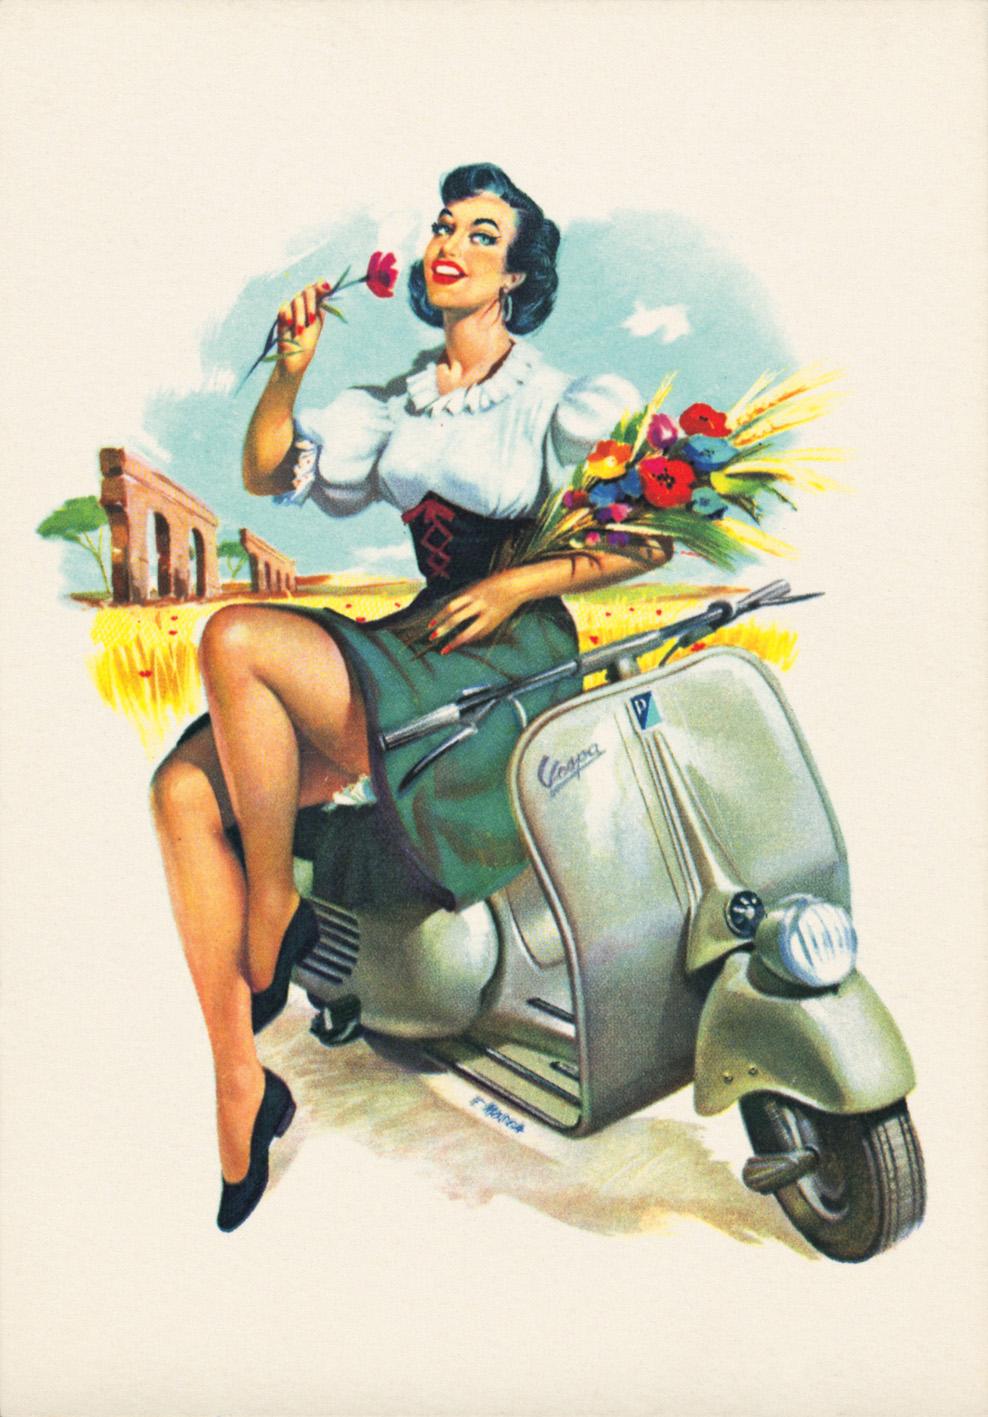 vespa vintage retro poster old